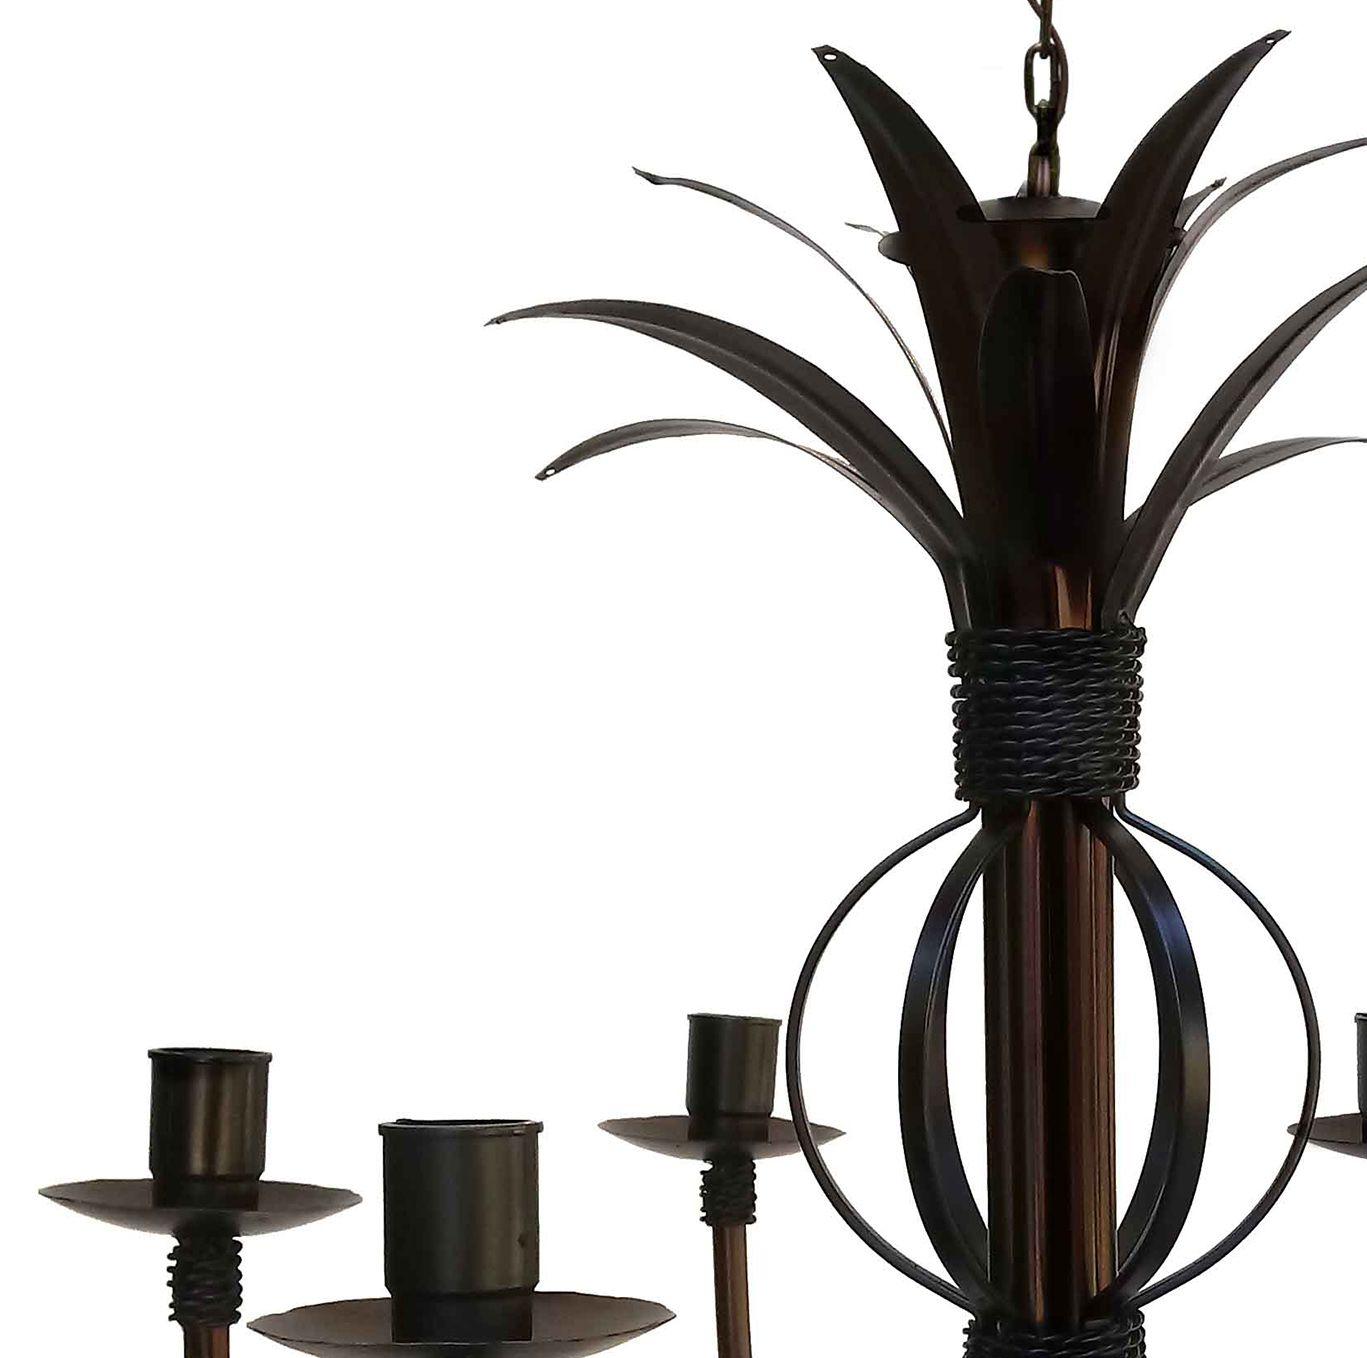 Linda Luminária Com Folhas Artesanais Em Metal para Sala De Estar